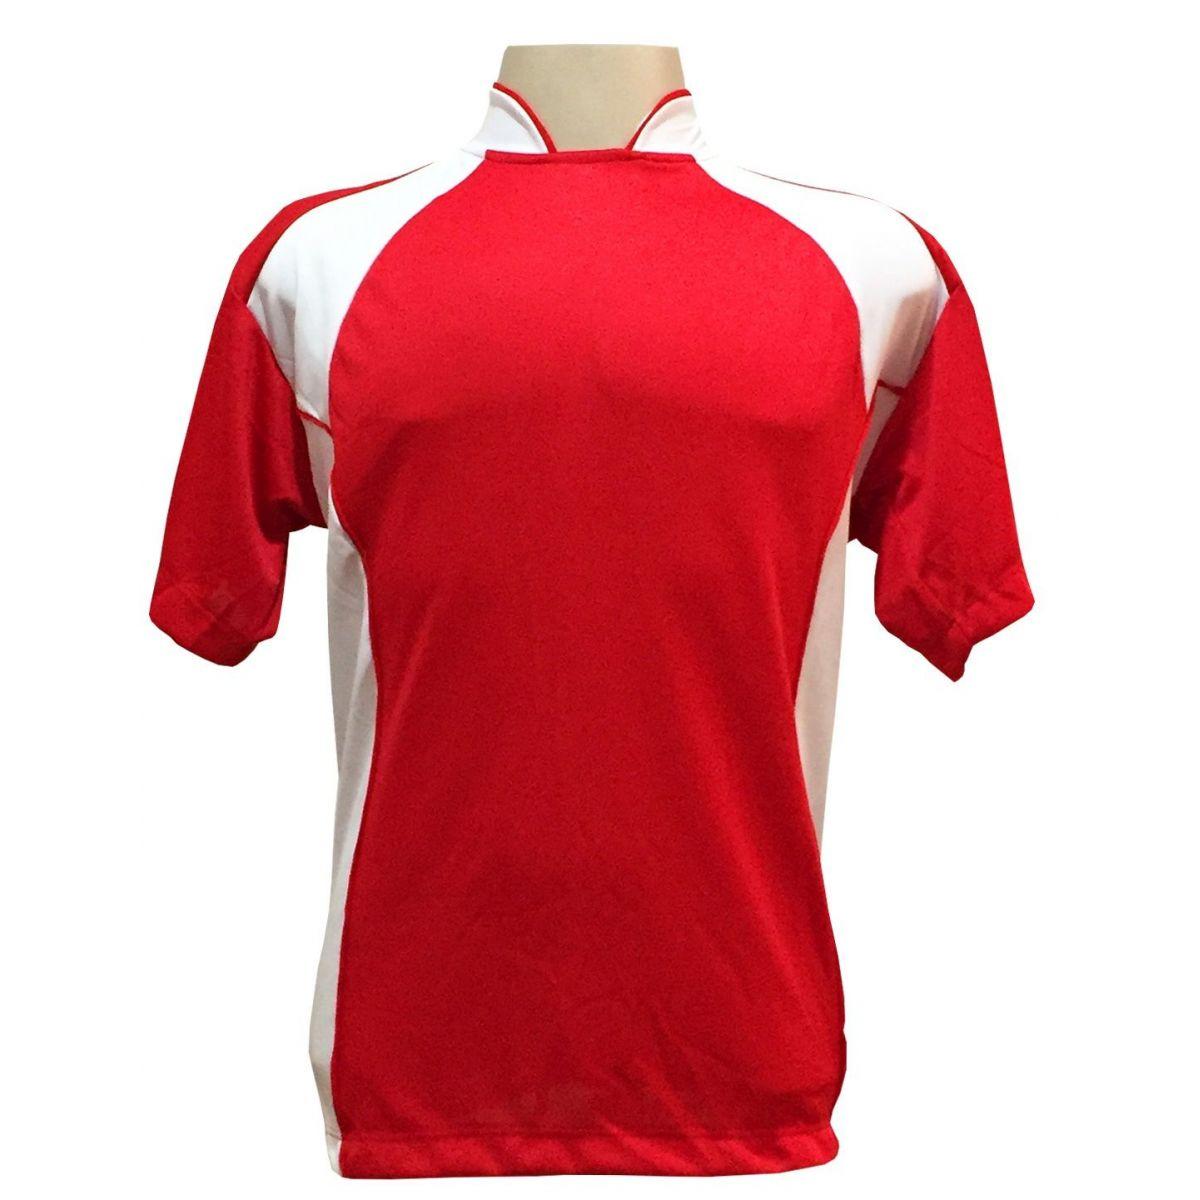 Uniforme Esportivo com 14 camisas modelo Suécia Vermelho/Branco + 14 calções modelo Madrid Vermelho + 14 pares de meiões Branco